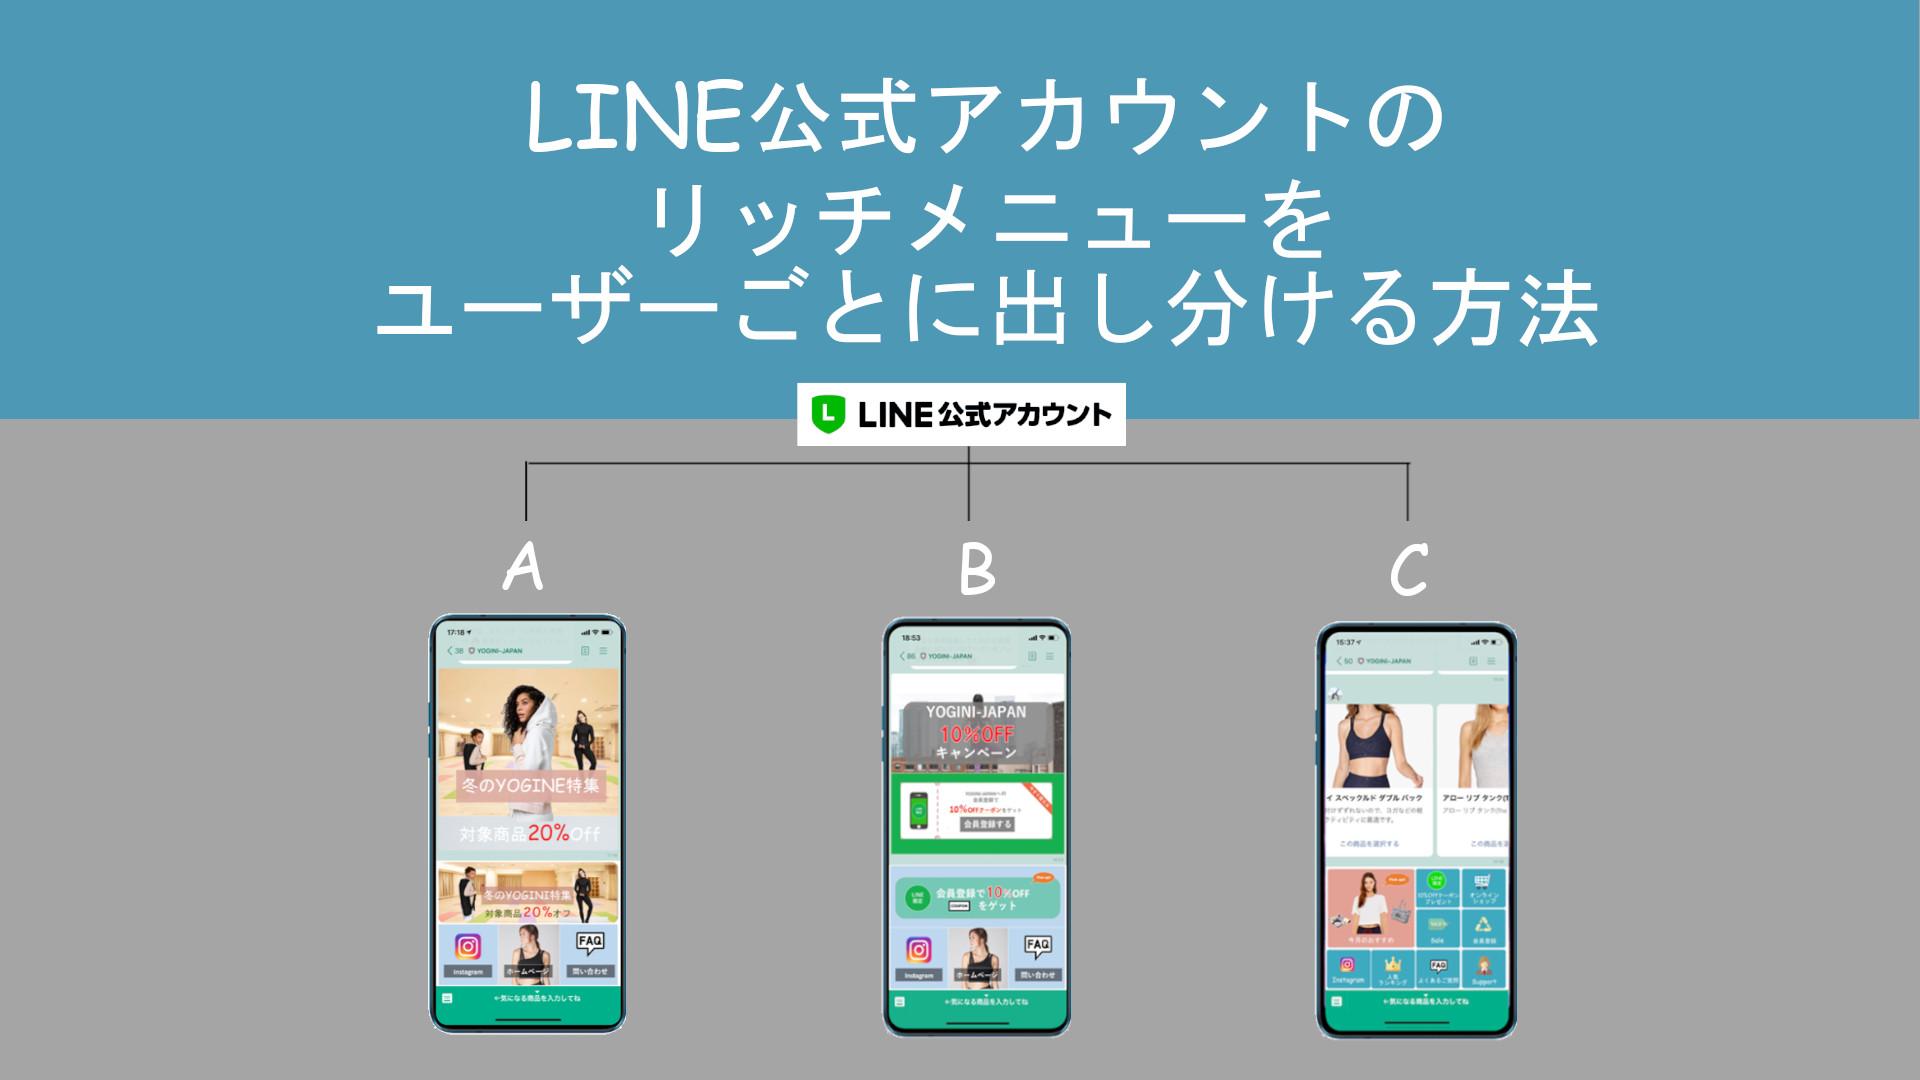 【無料】LINE公式アカウントのリッチメニューをユーザー毎に出し分けてCVR大幅アップ